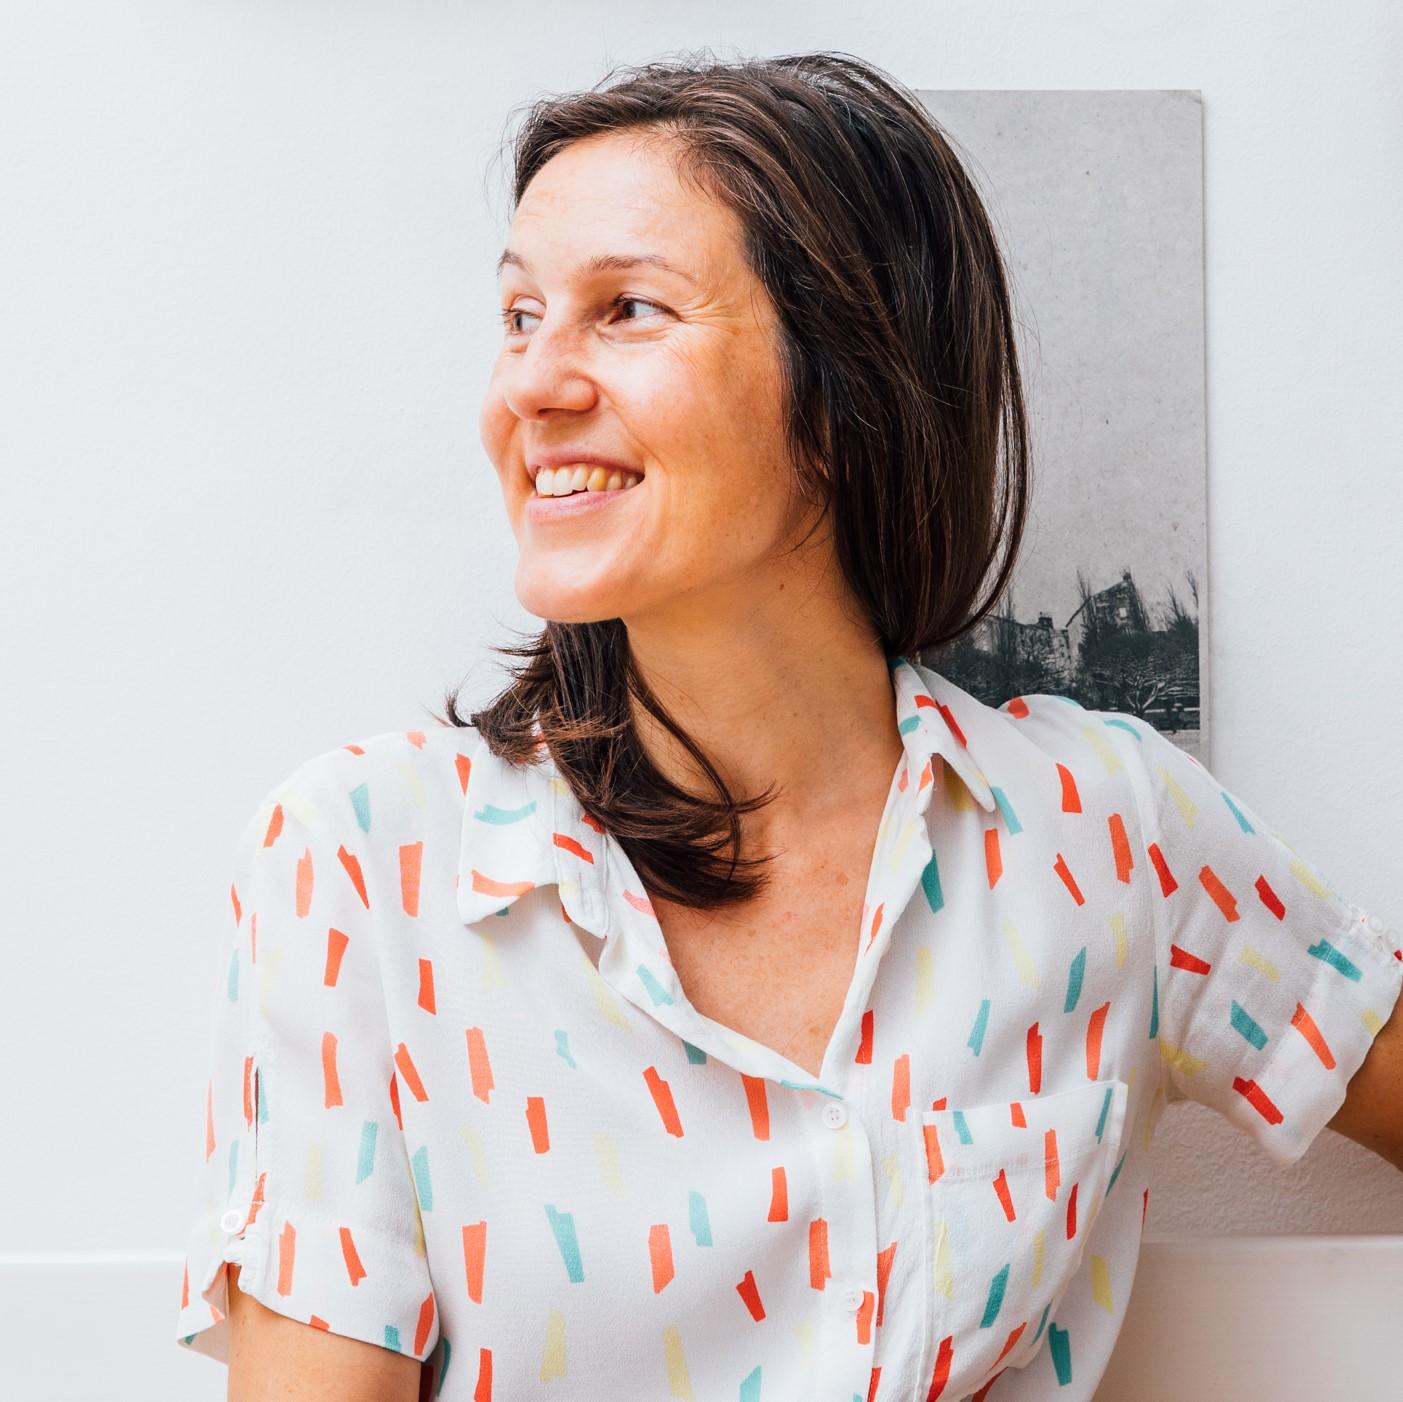 Eva Gruber - Marko @zlouma Zlousic